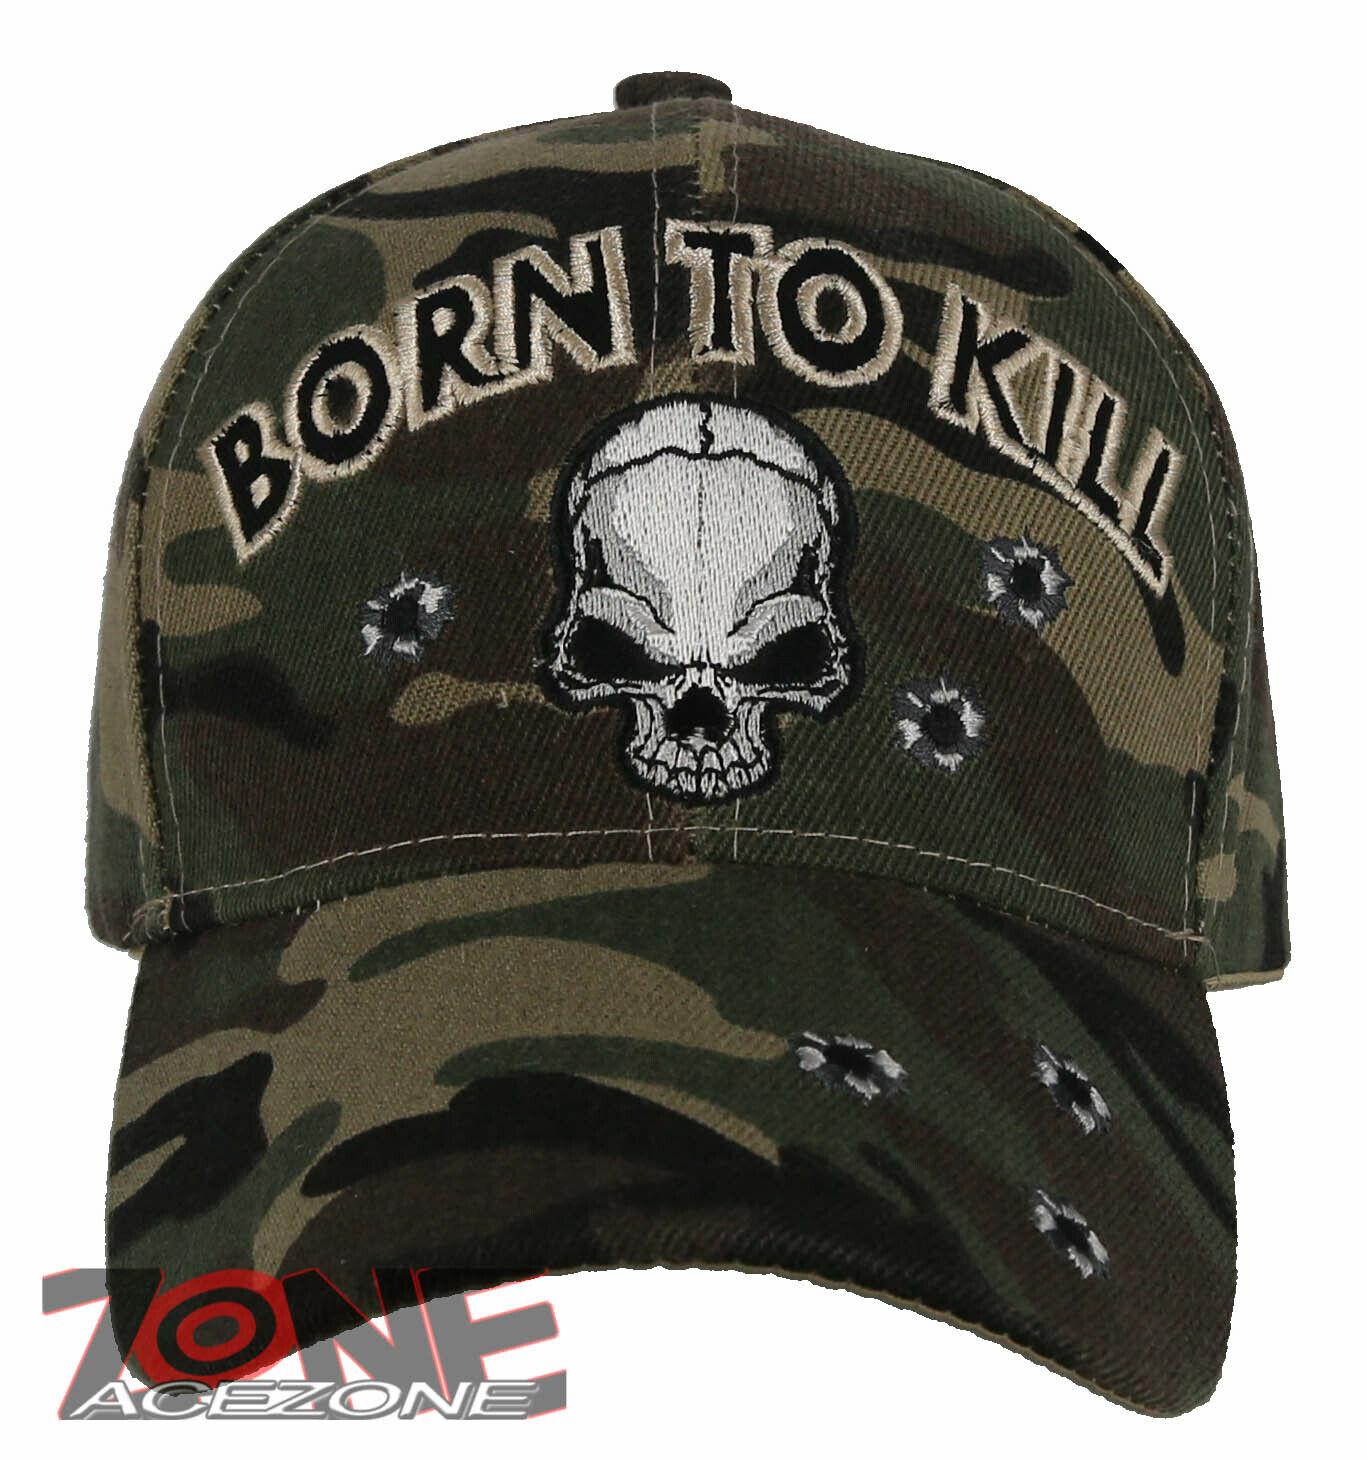 ! nuevo! nacido Para KILL Calavera Gorra Sombrero Camuflaje Verde